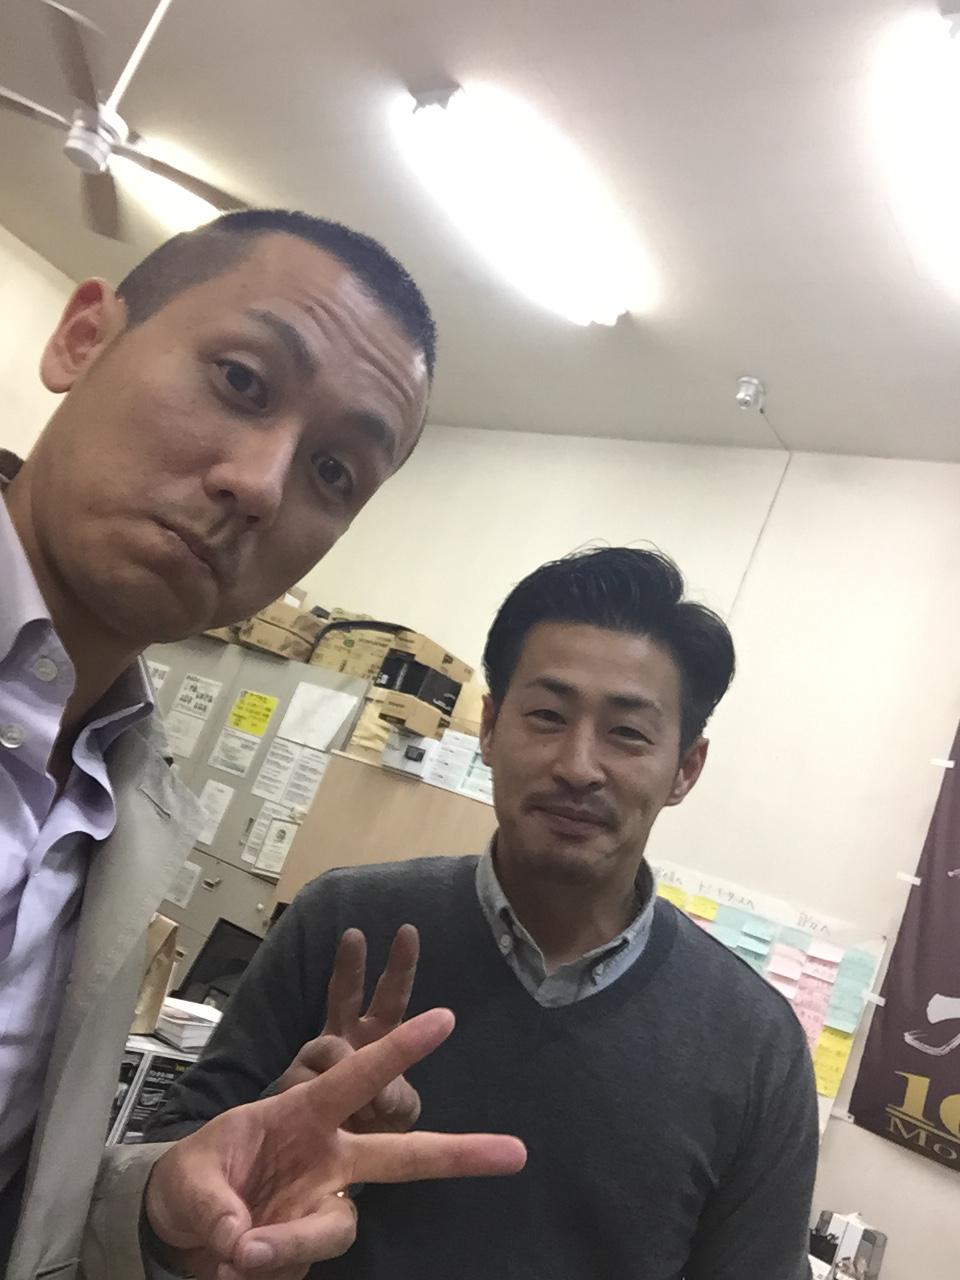 3月15日 日曜日 今日も店長のニコニコブログ!!_b0127002_20585310.jpg